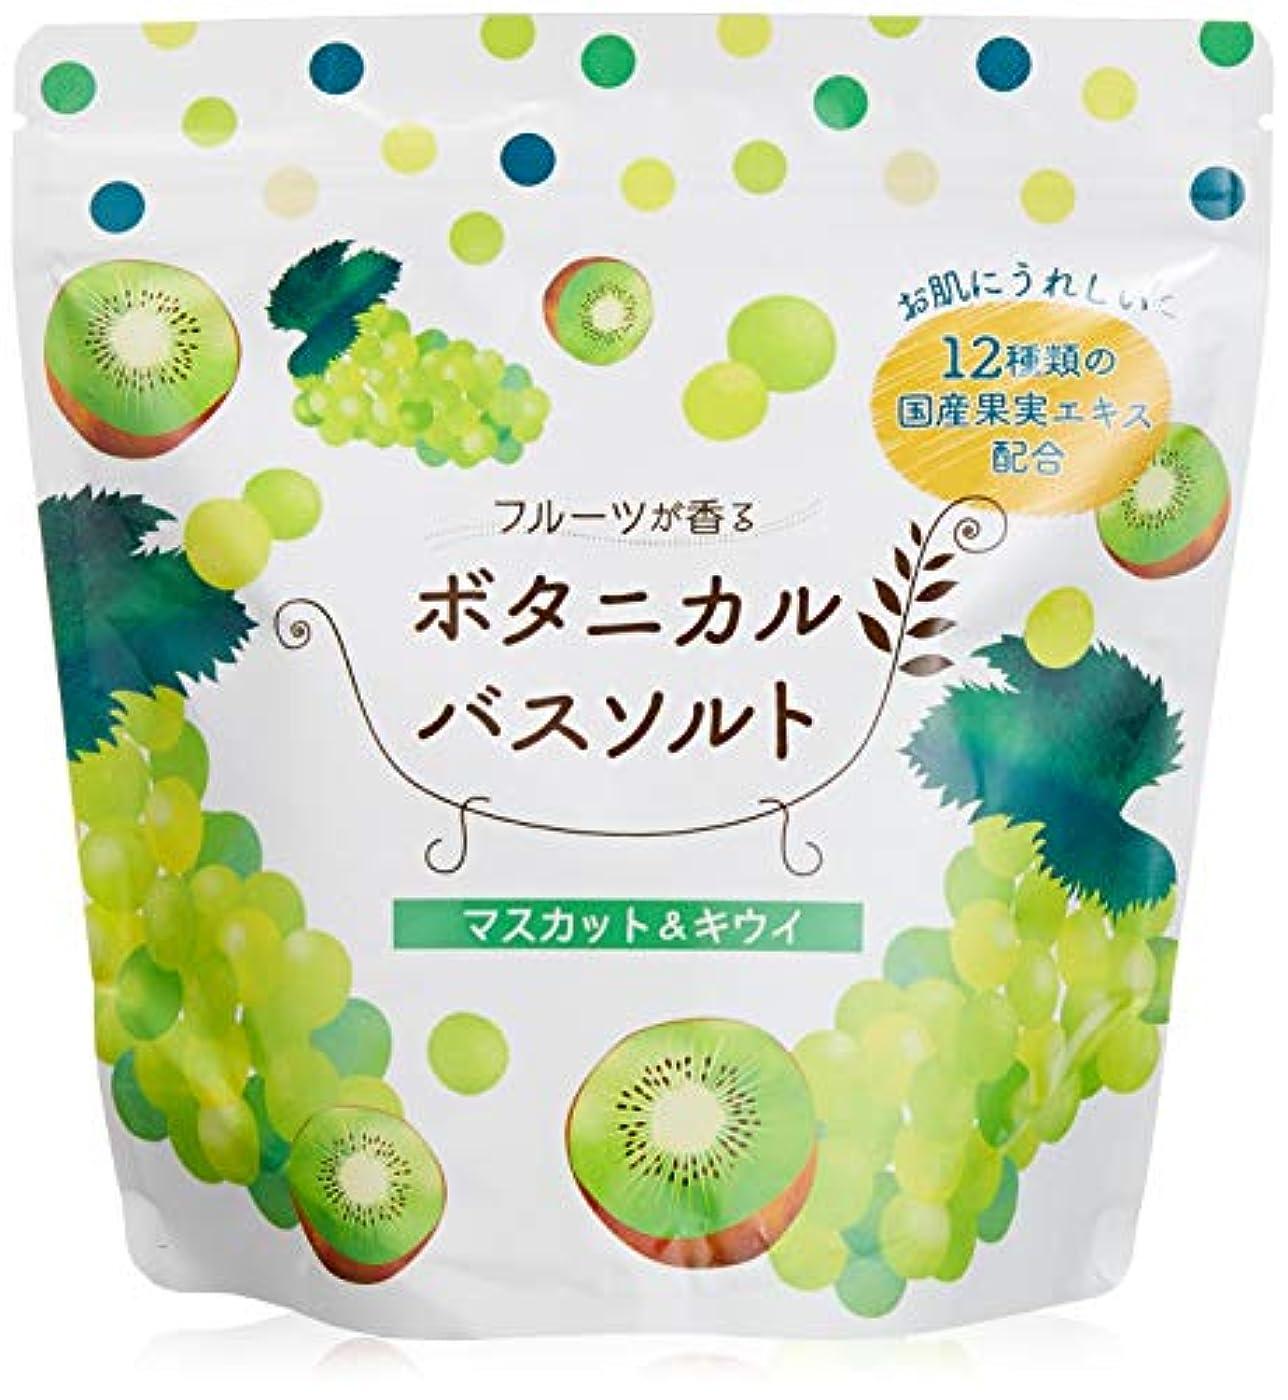 おめでとう吸収交差点松田医薬品 フルーツが香るボタニカルバスソルト 入浴剤 マスカット キウイ 450g